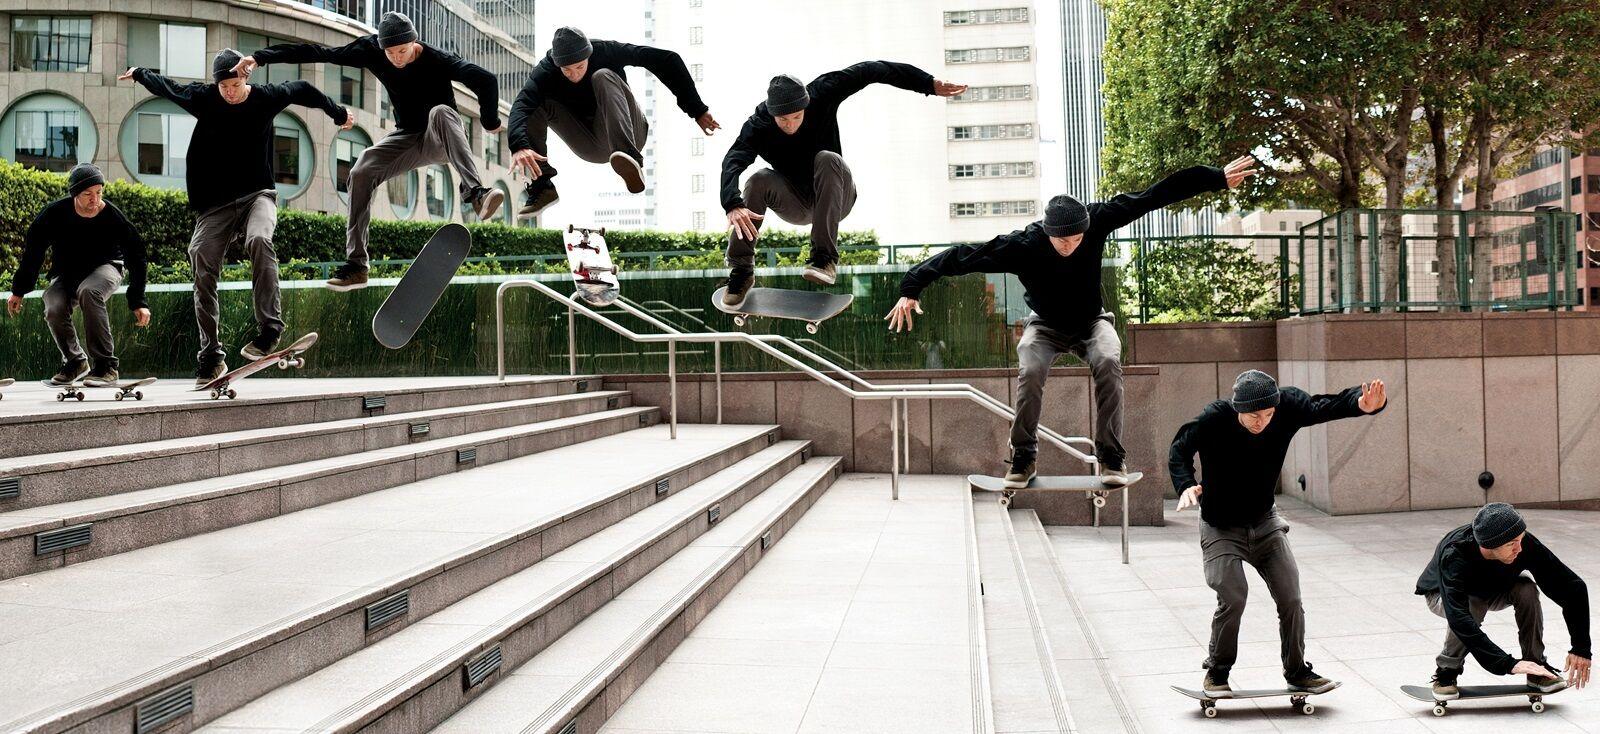 New Era Skateboarding